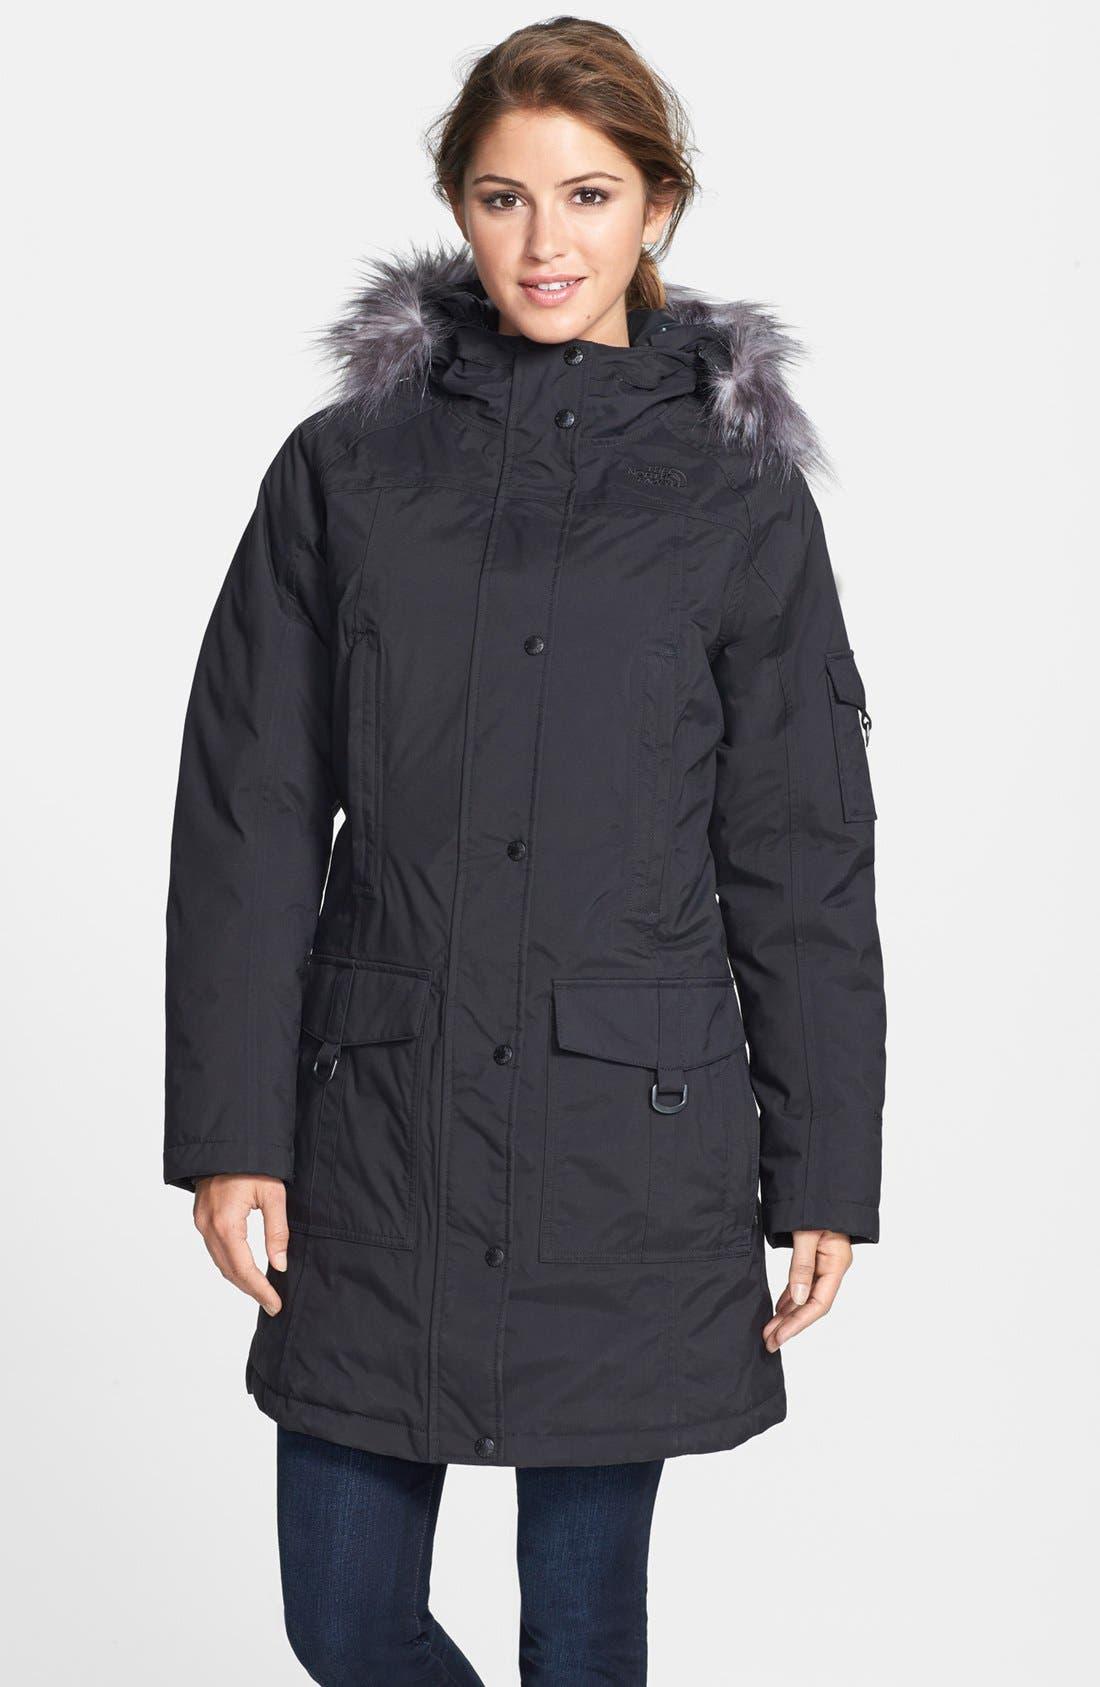 'Juneau' Faux Fur Trim Hooded Down Jacket, Main, color, 001